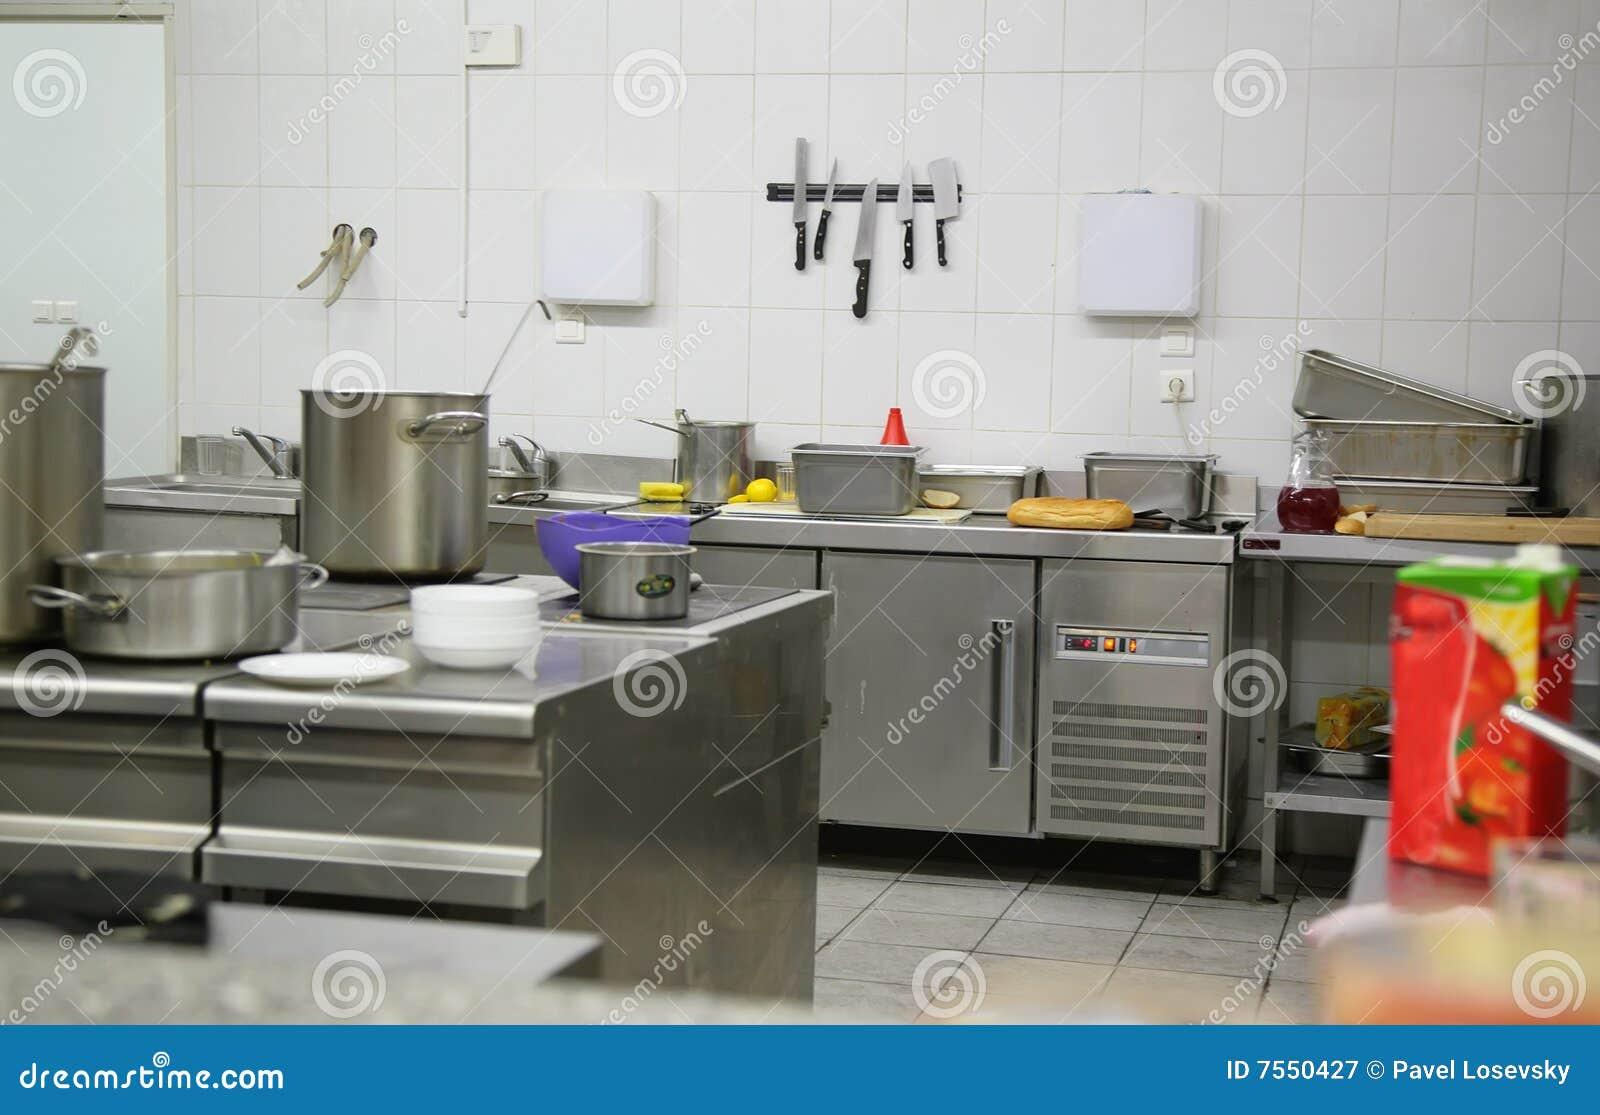 #AC2B1F Cozinha industrial 1300x923 px Projeto De Cozinha Industrial Hotel_4665 Imagens